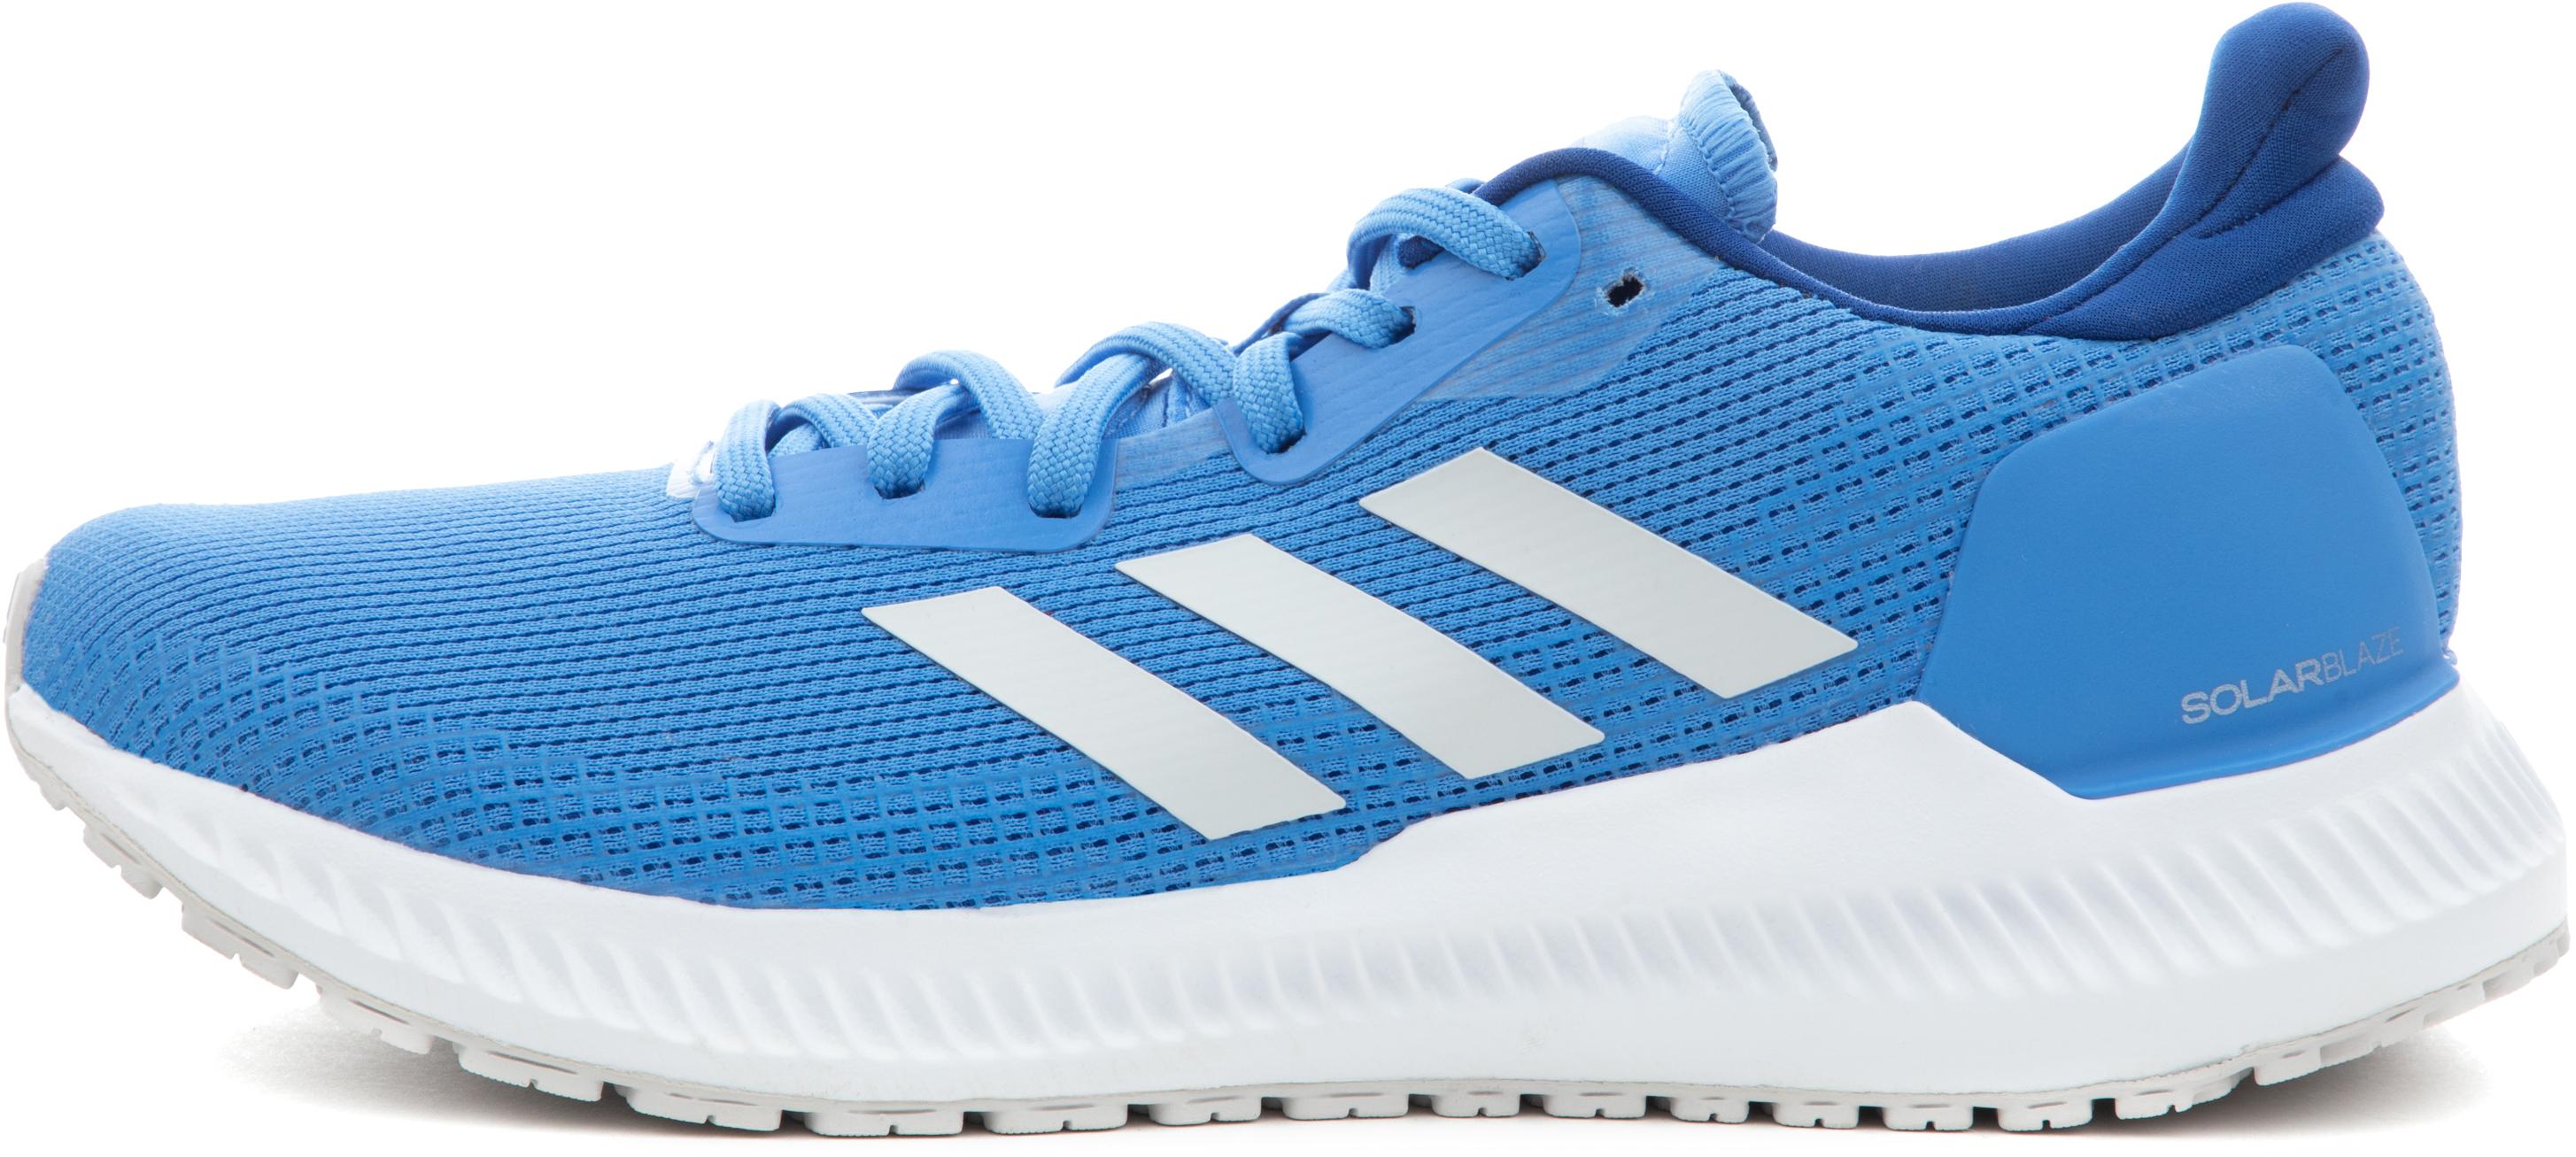 Adidas Кроссовки женские для бега Adidas Solar Blaze, размер 38,5 цена